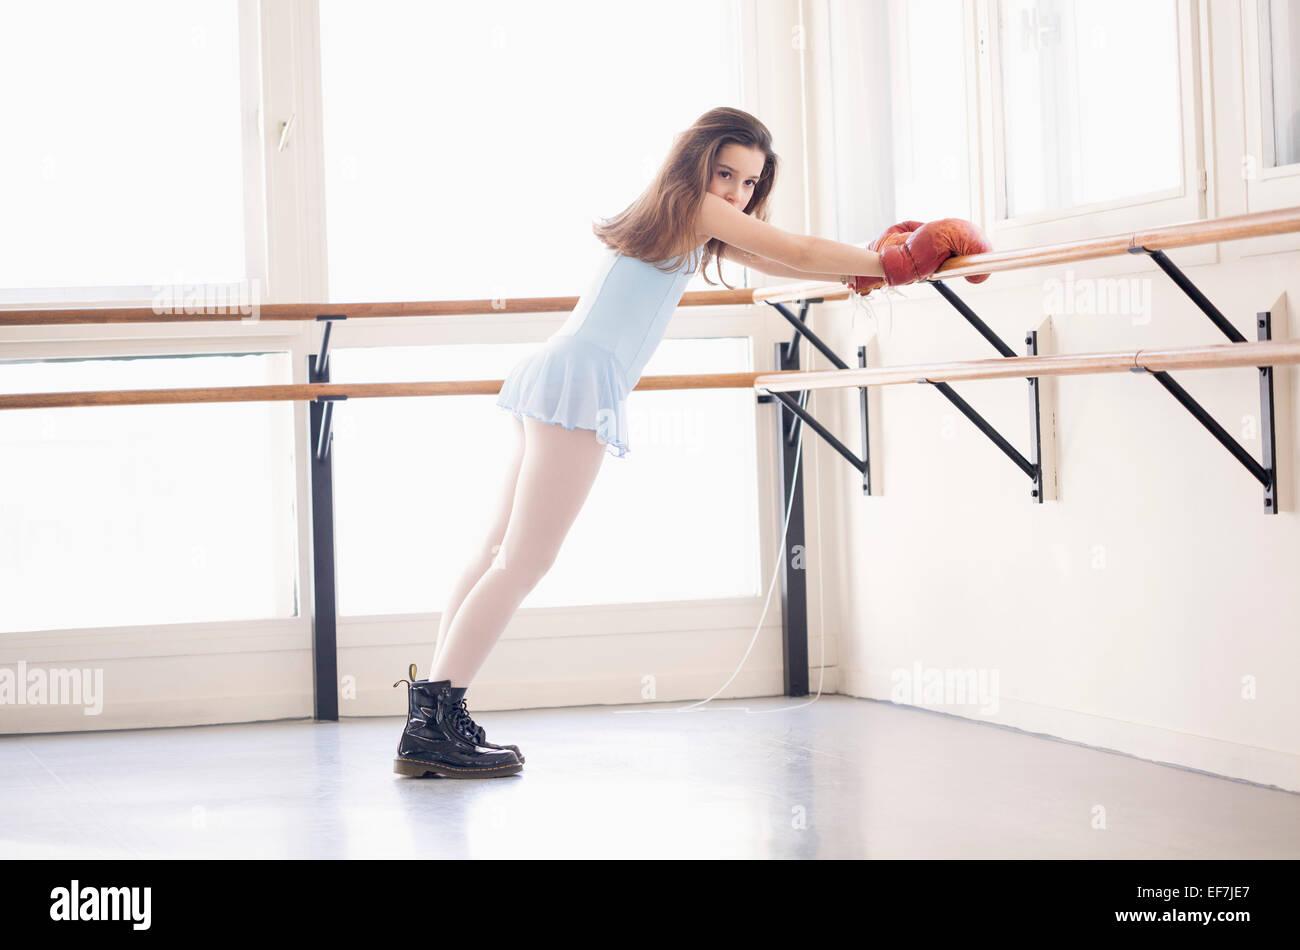 Mädchen trainieren im Health club Stockbild